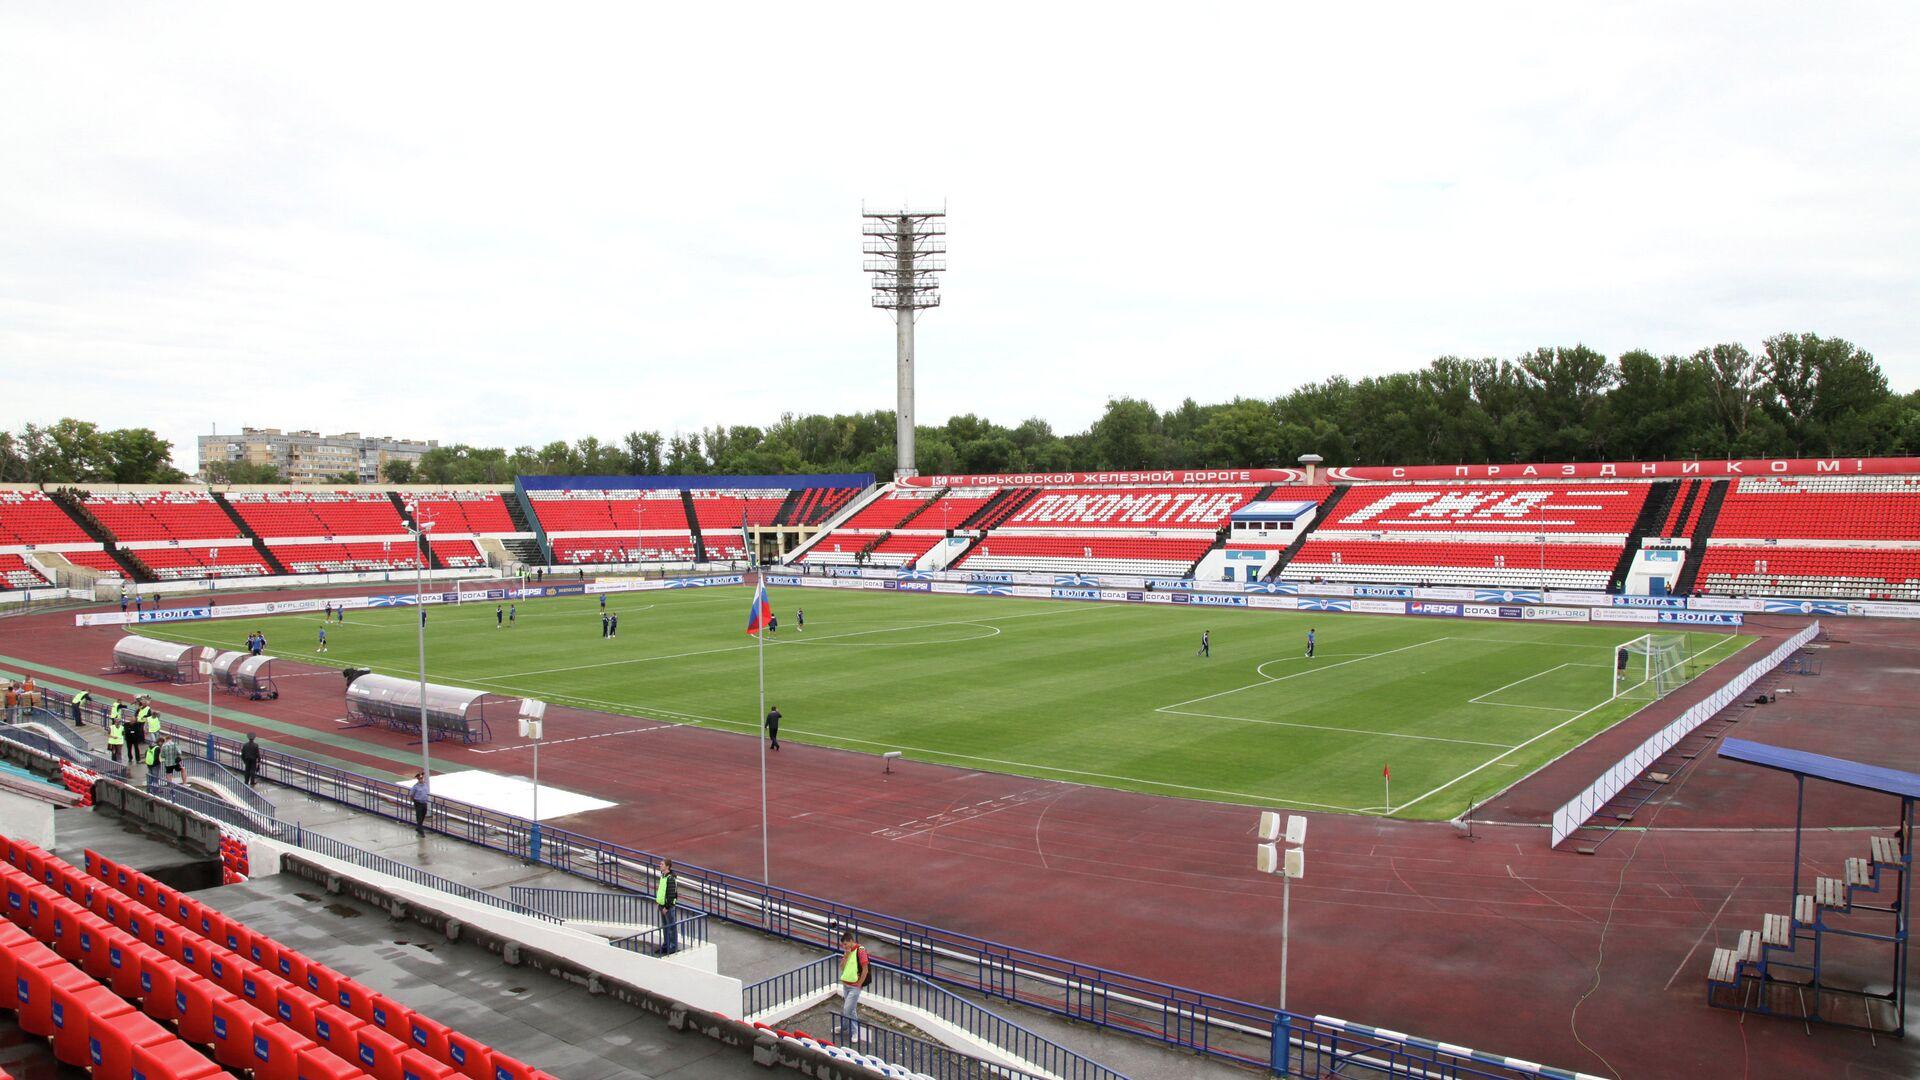 Стадион Локомотив в Нижнем Новгороде - РИА Новости, 1920, 14.03.2021